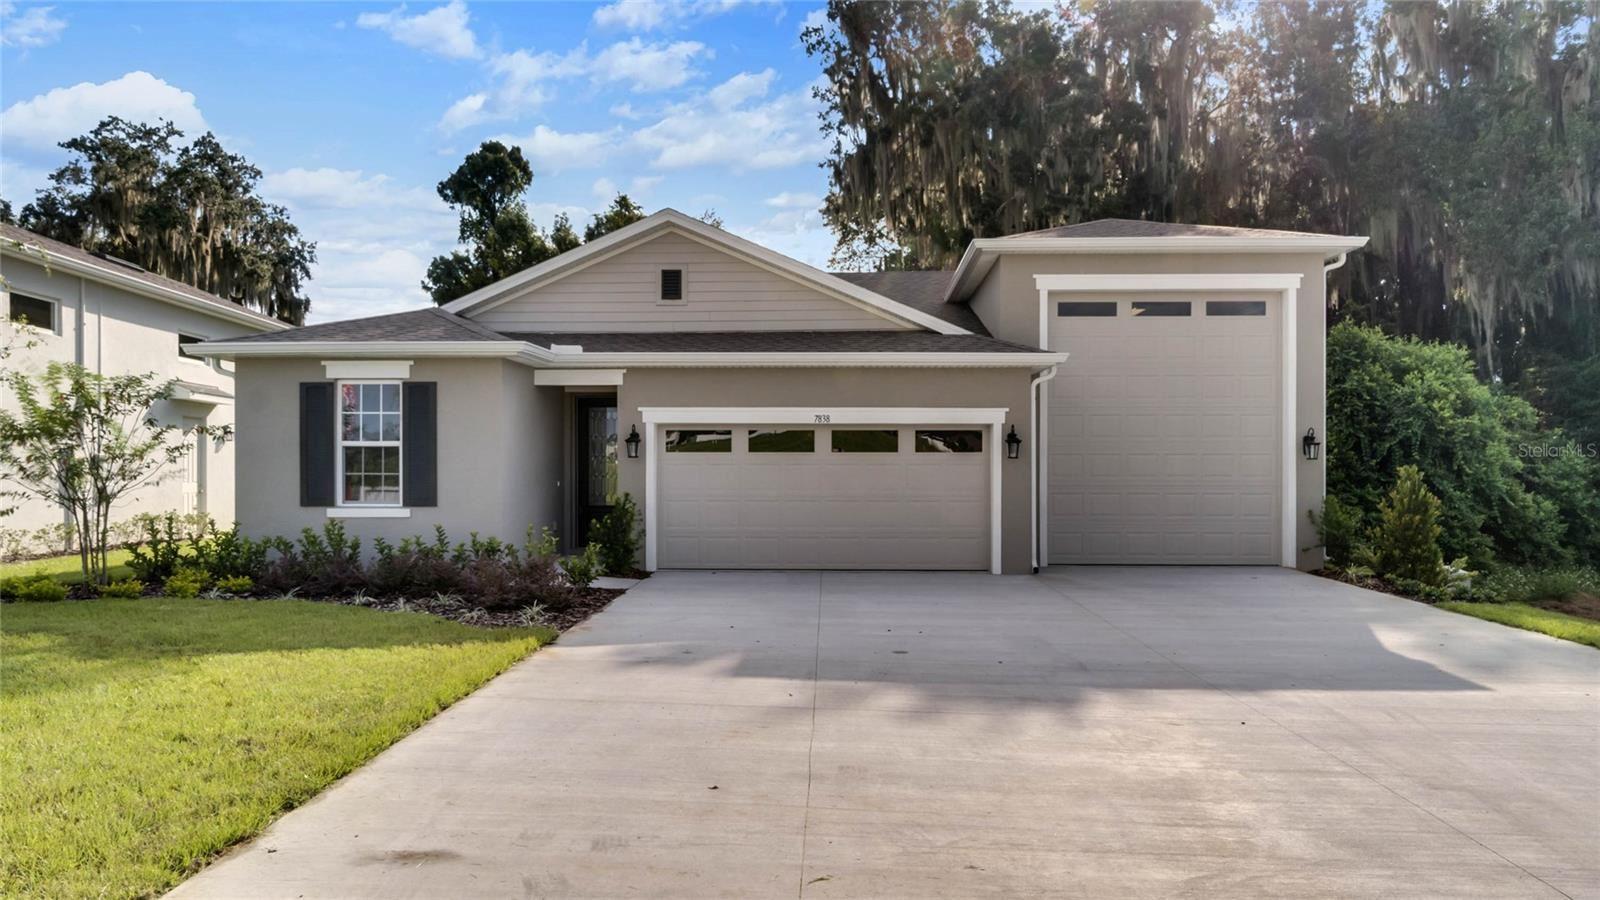 7838 SLOEWOOD DRIVE, Leesburg, FL 34748 - #: O5974314